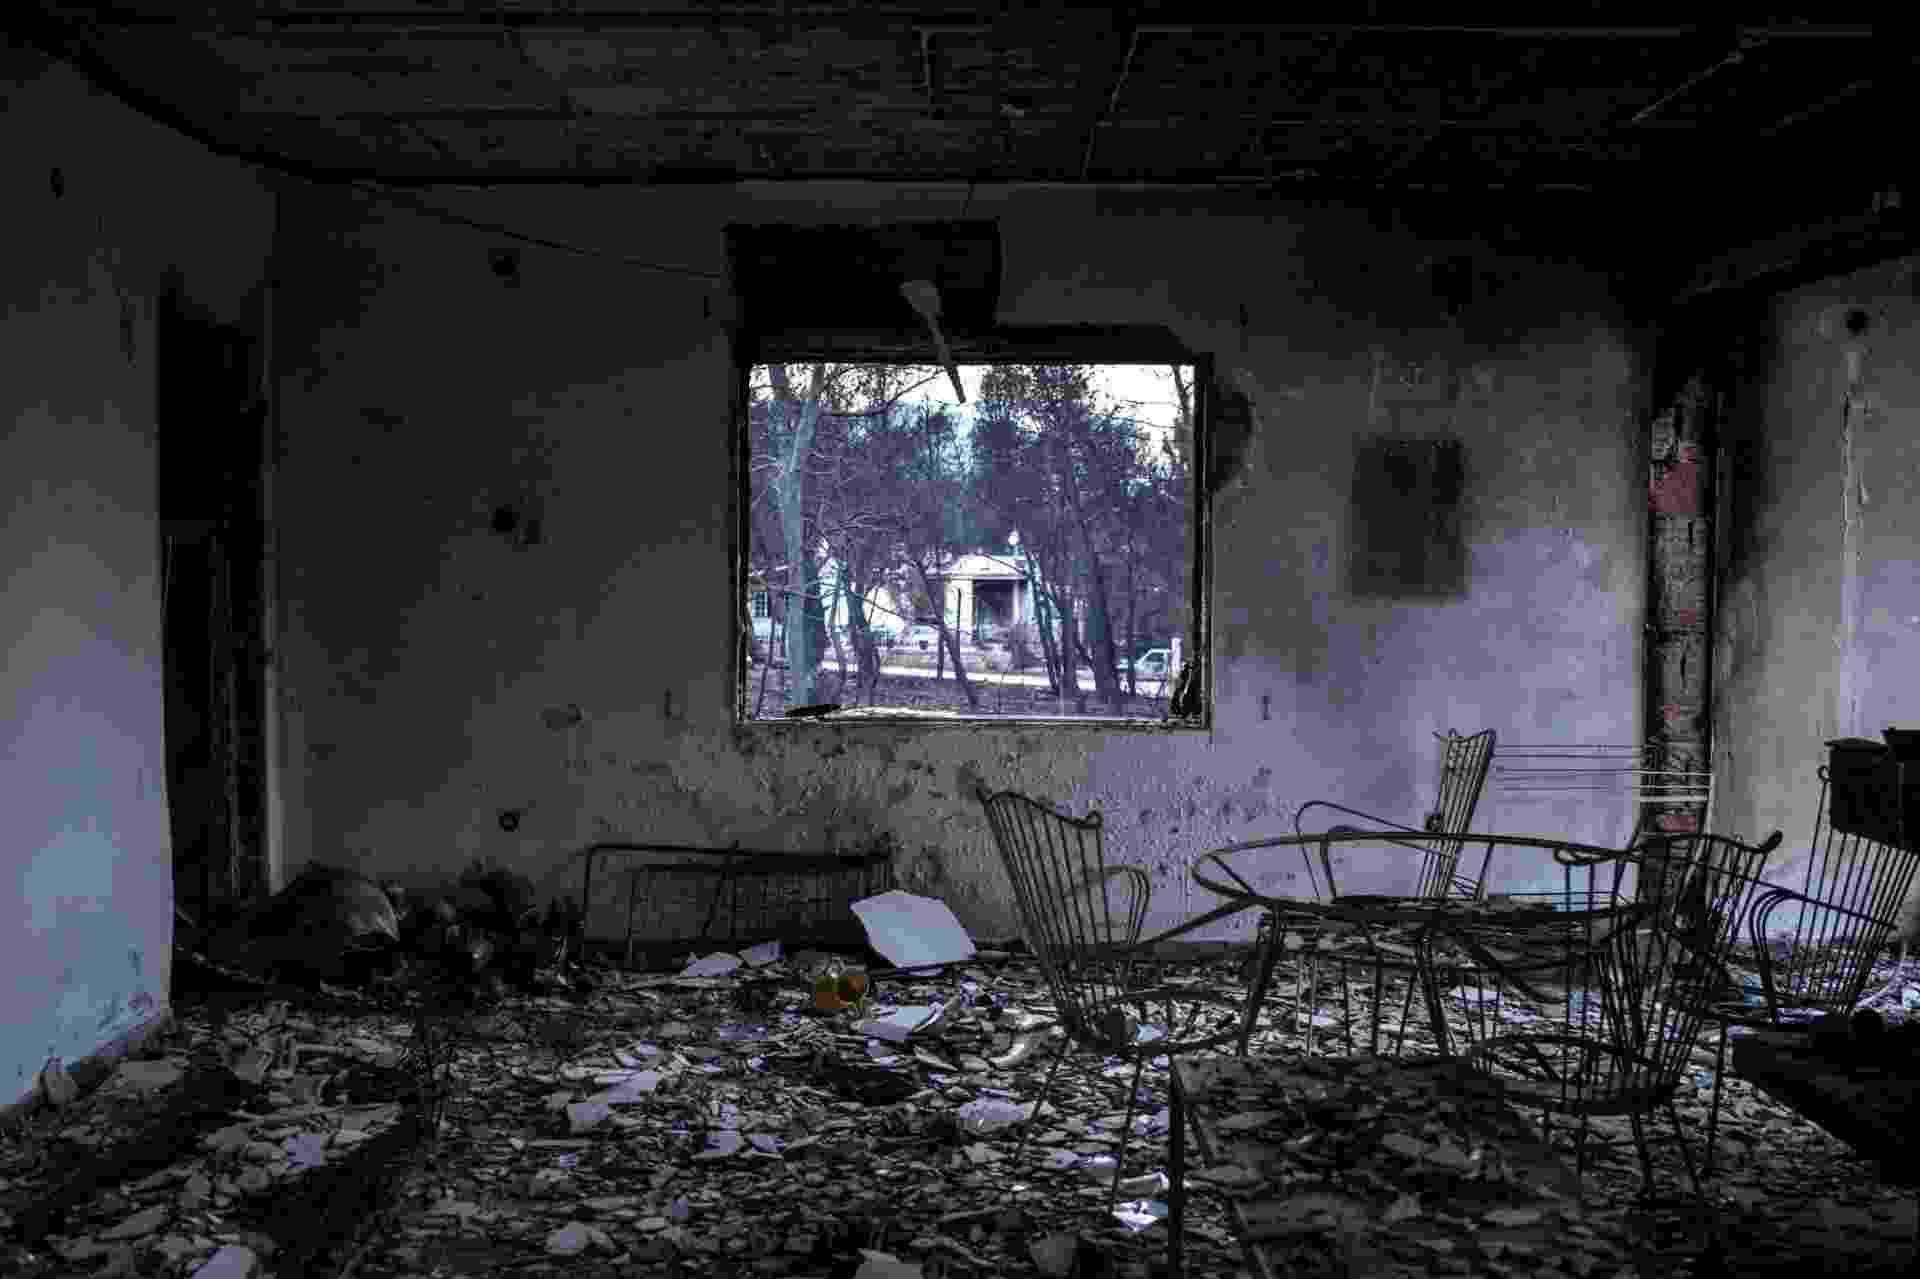 26.jul.2018 - Casa totalmente incendiada após incêndio floresta na vila de Neos Voutzas, próximo a Atenas, a capital grega; mais de 80 pessoas morreram - Angelos Tzortzinis/AFP